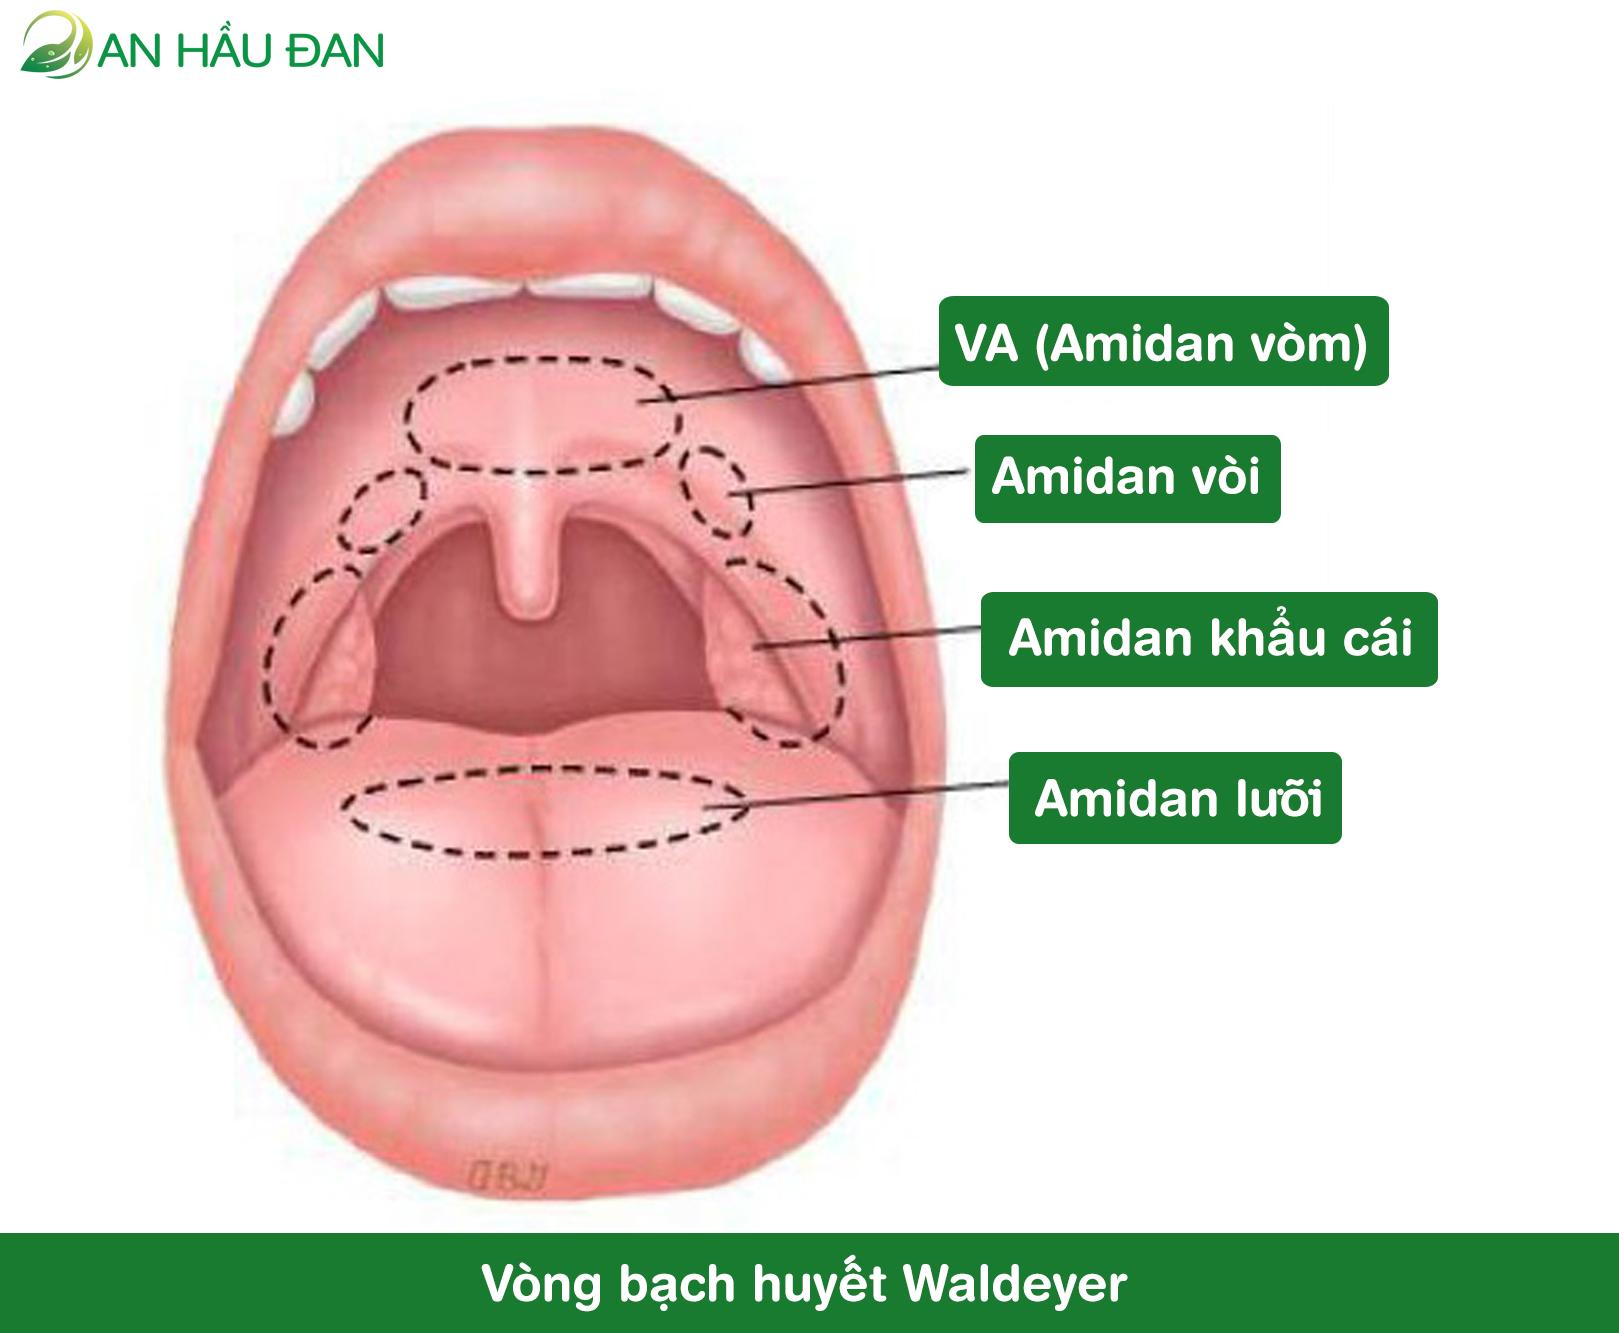 Chức năng của amidan và va - ảnh 3